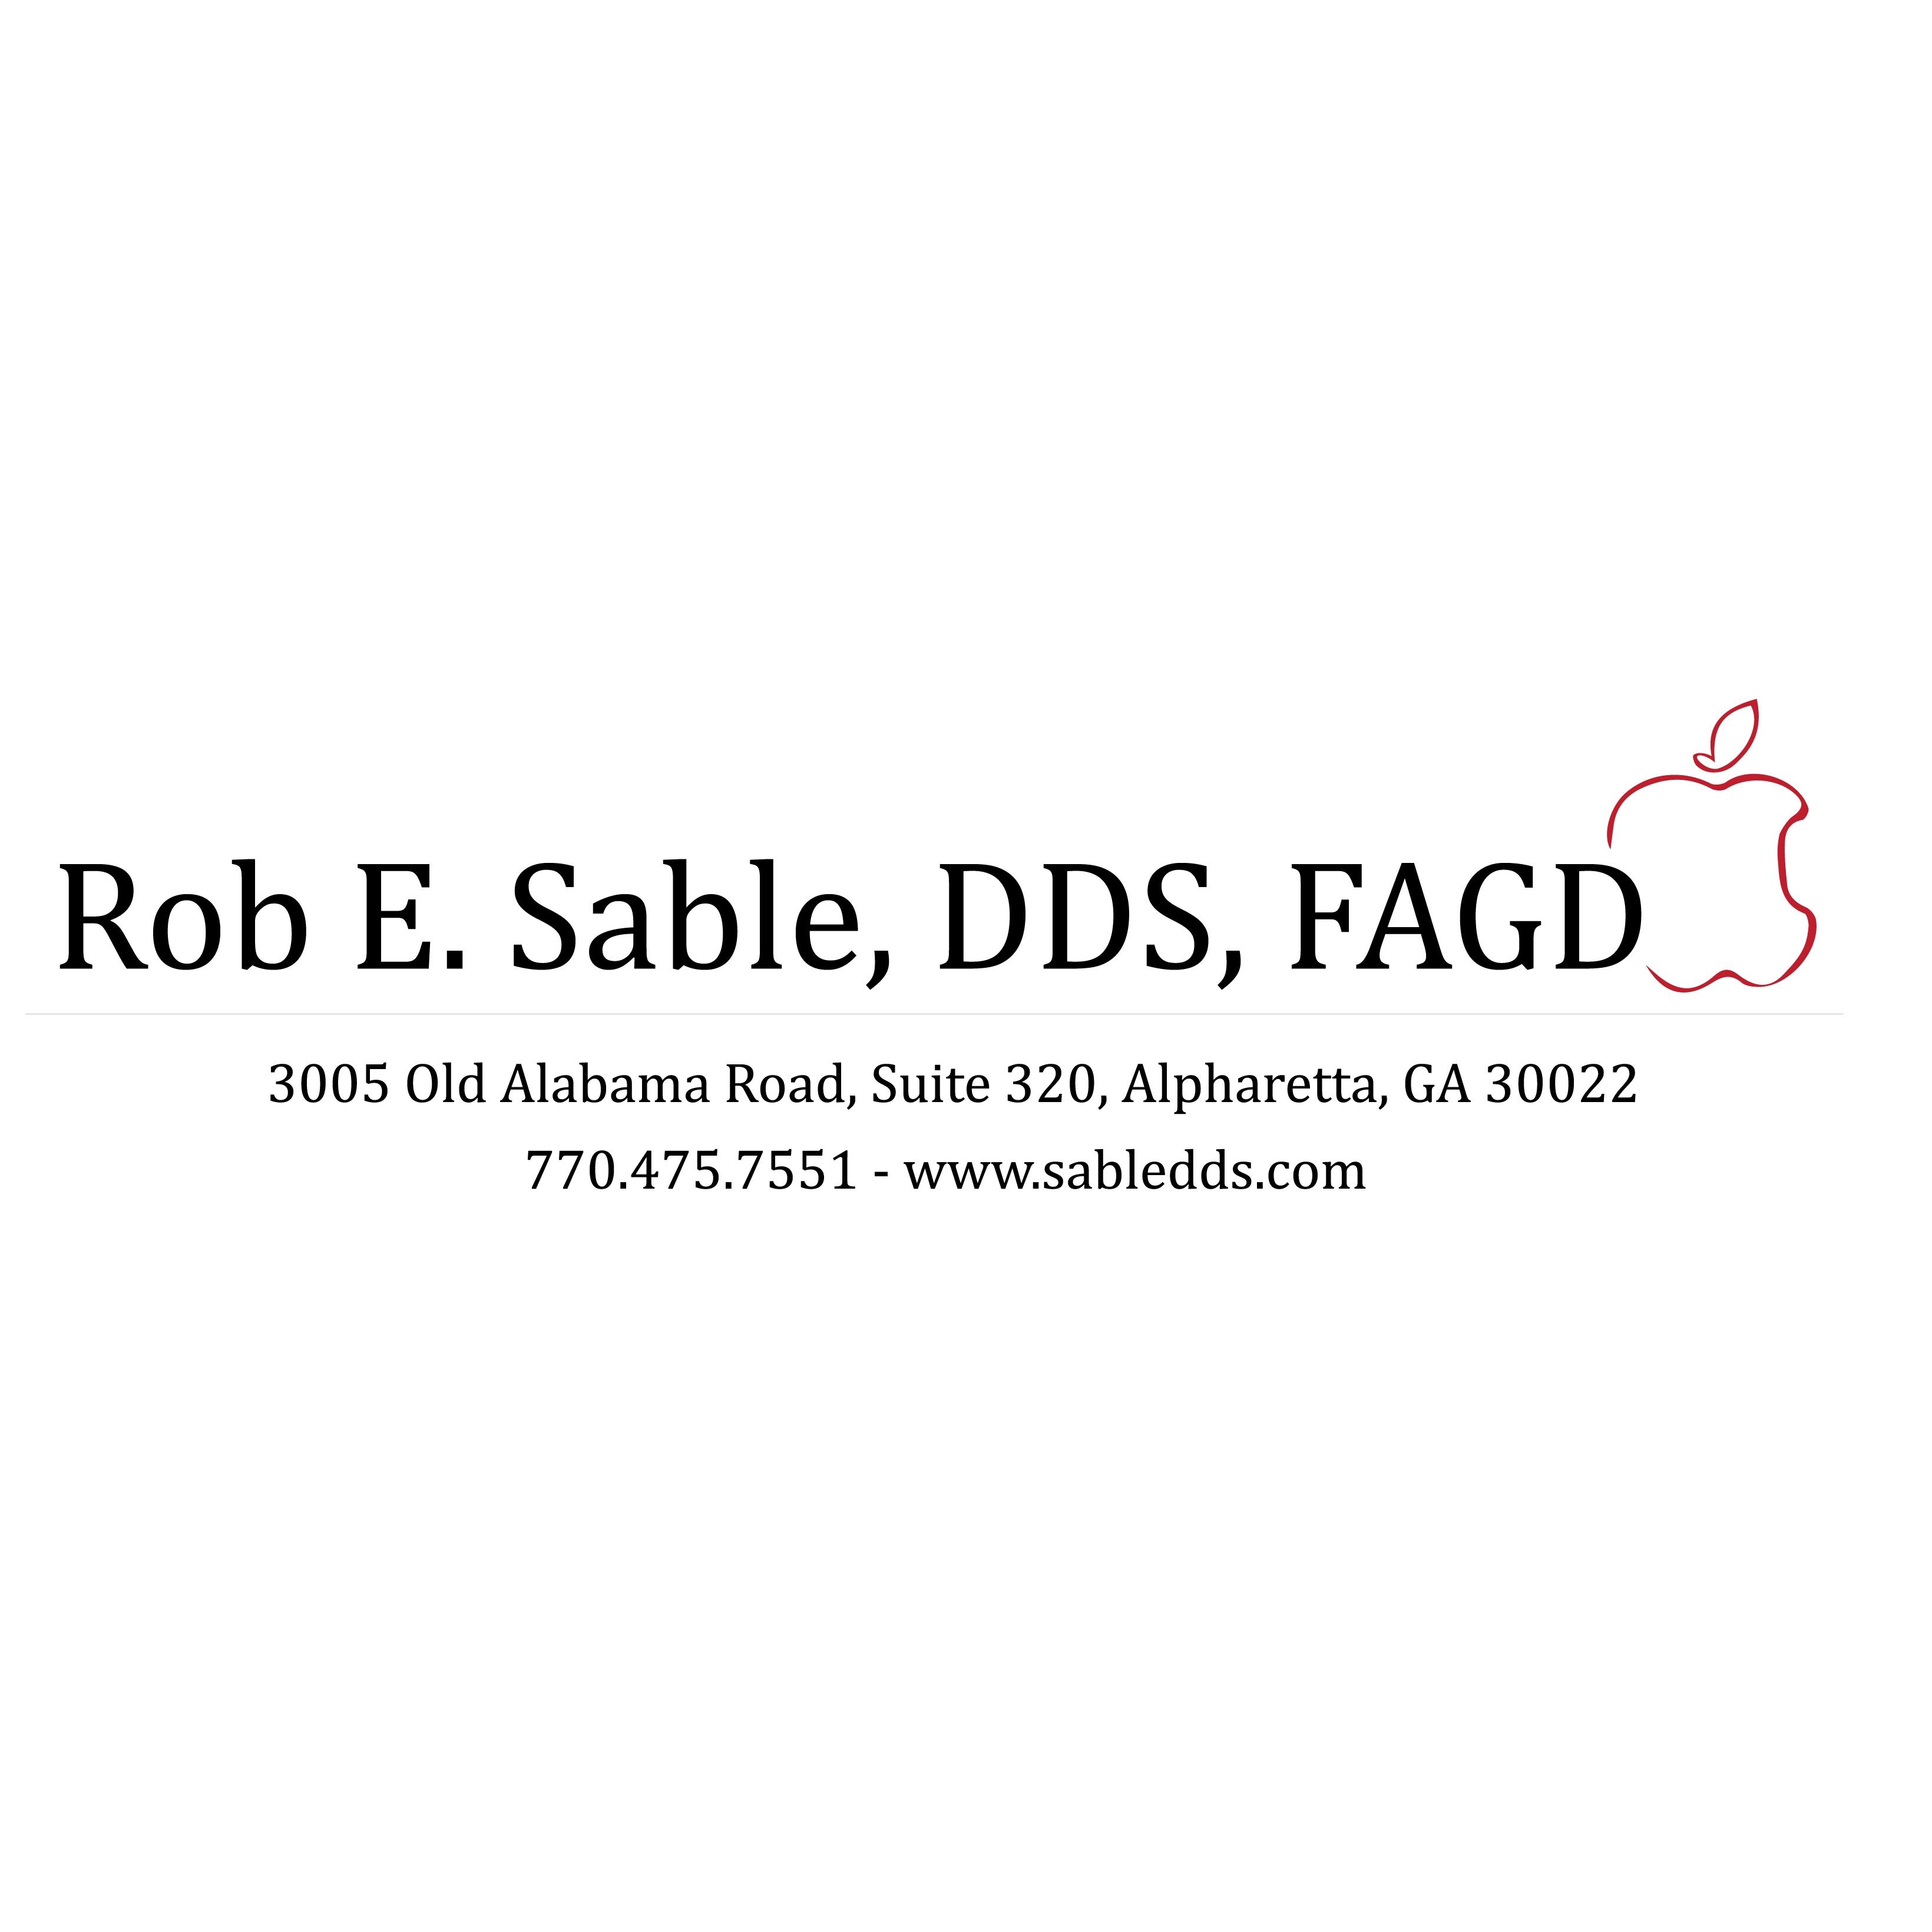 Rob E. Sable, DDS PC